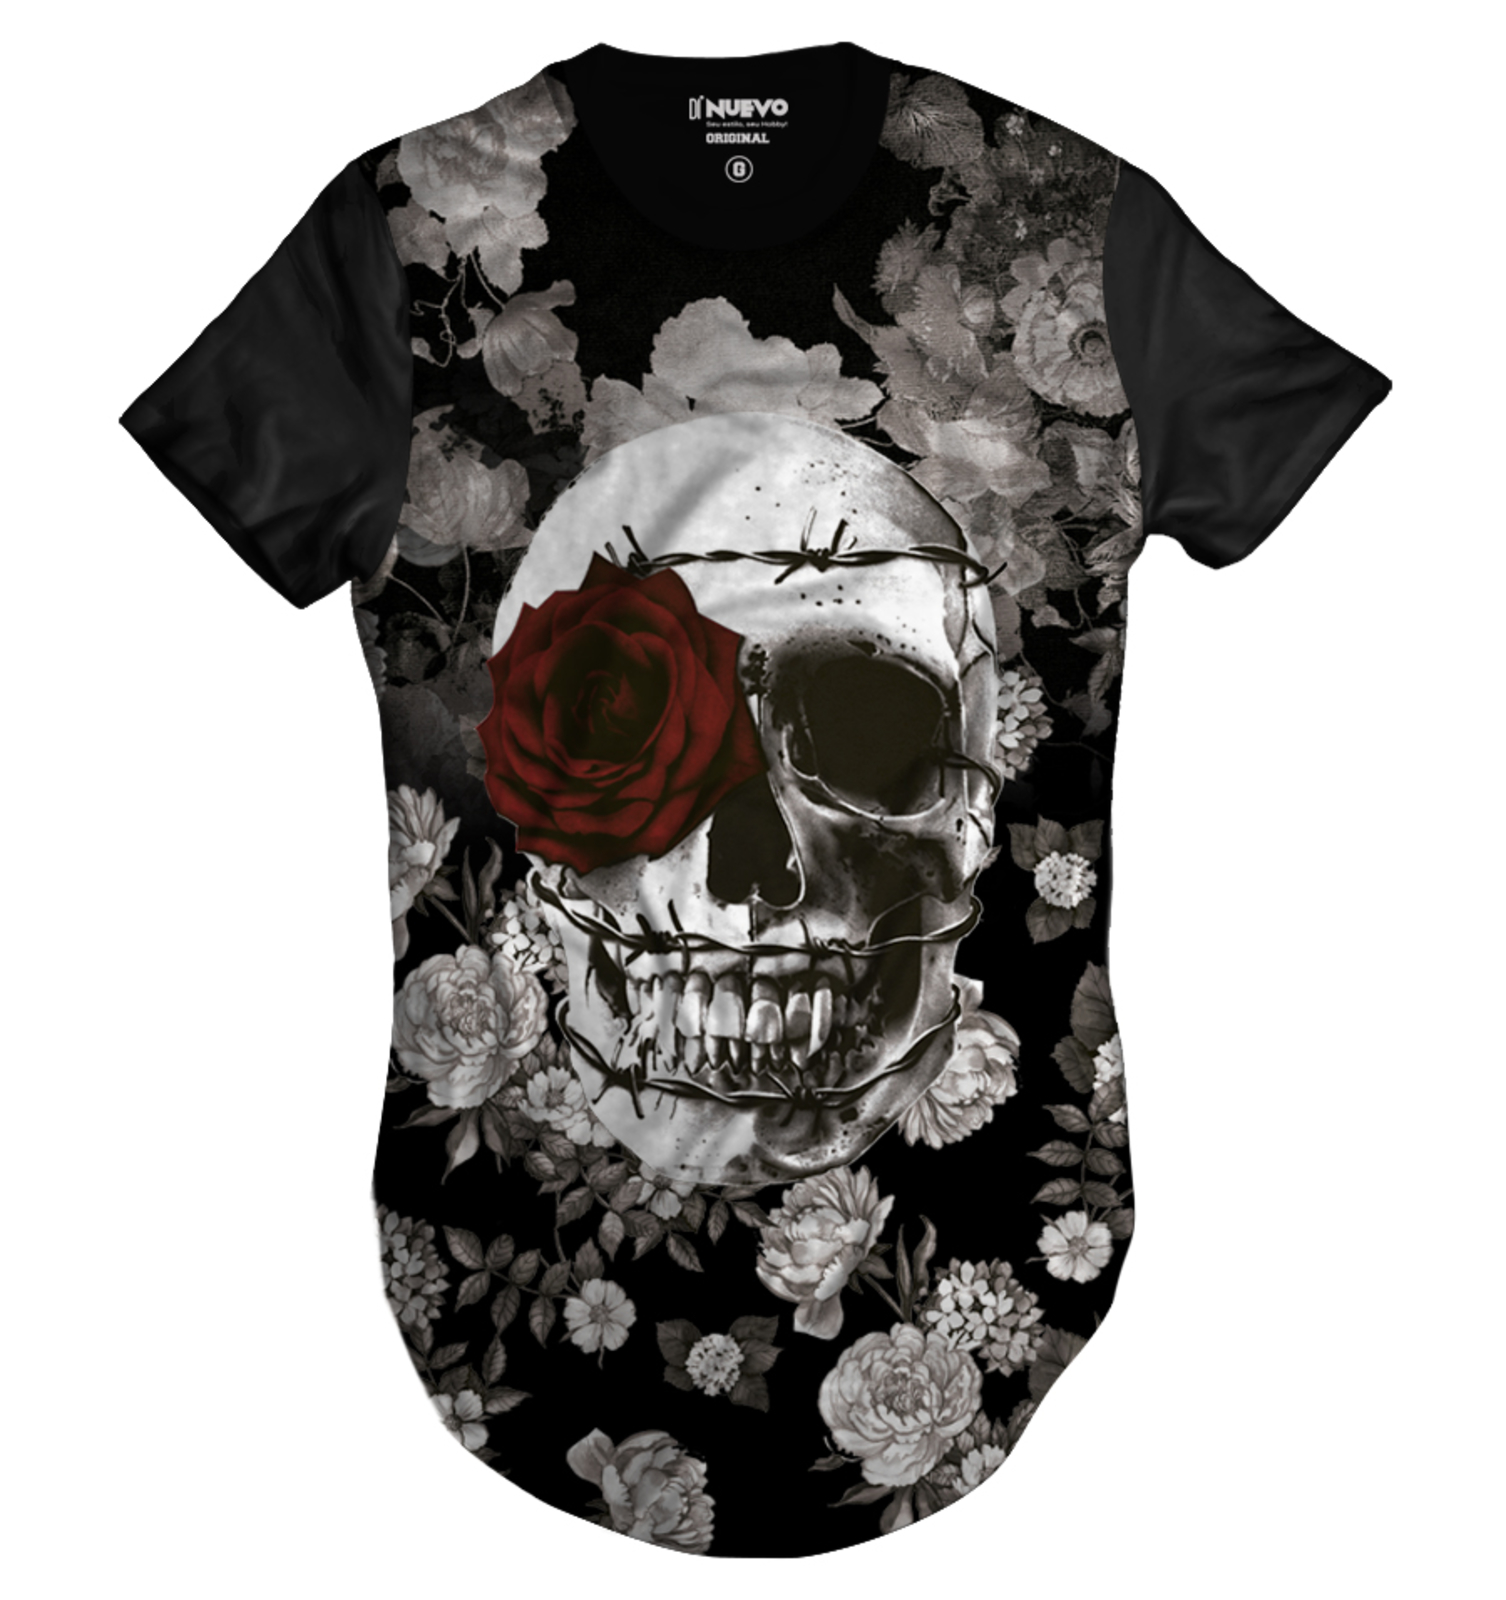 Camiseta Di Nuevo Longa Caveira Com Coroa De Espinhos E Rosa